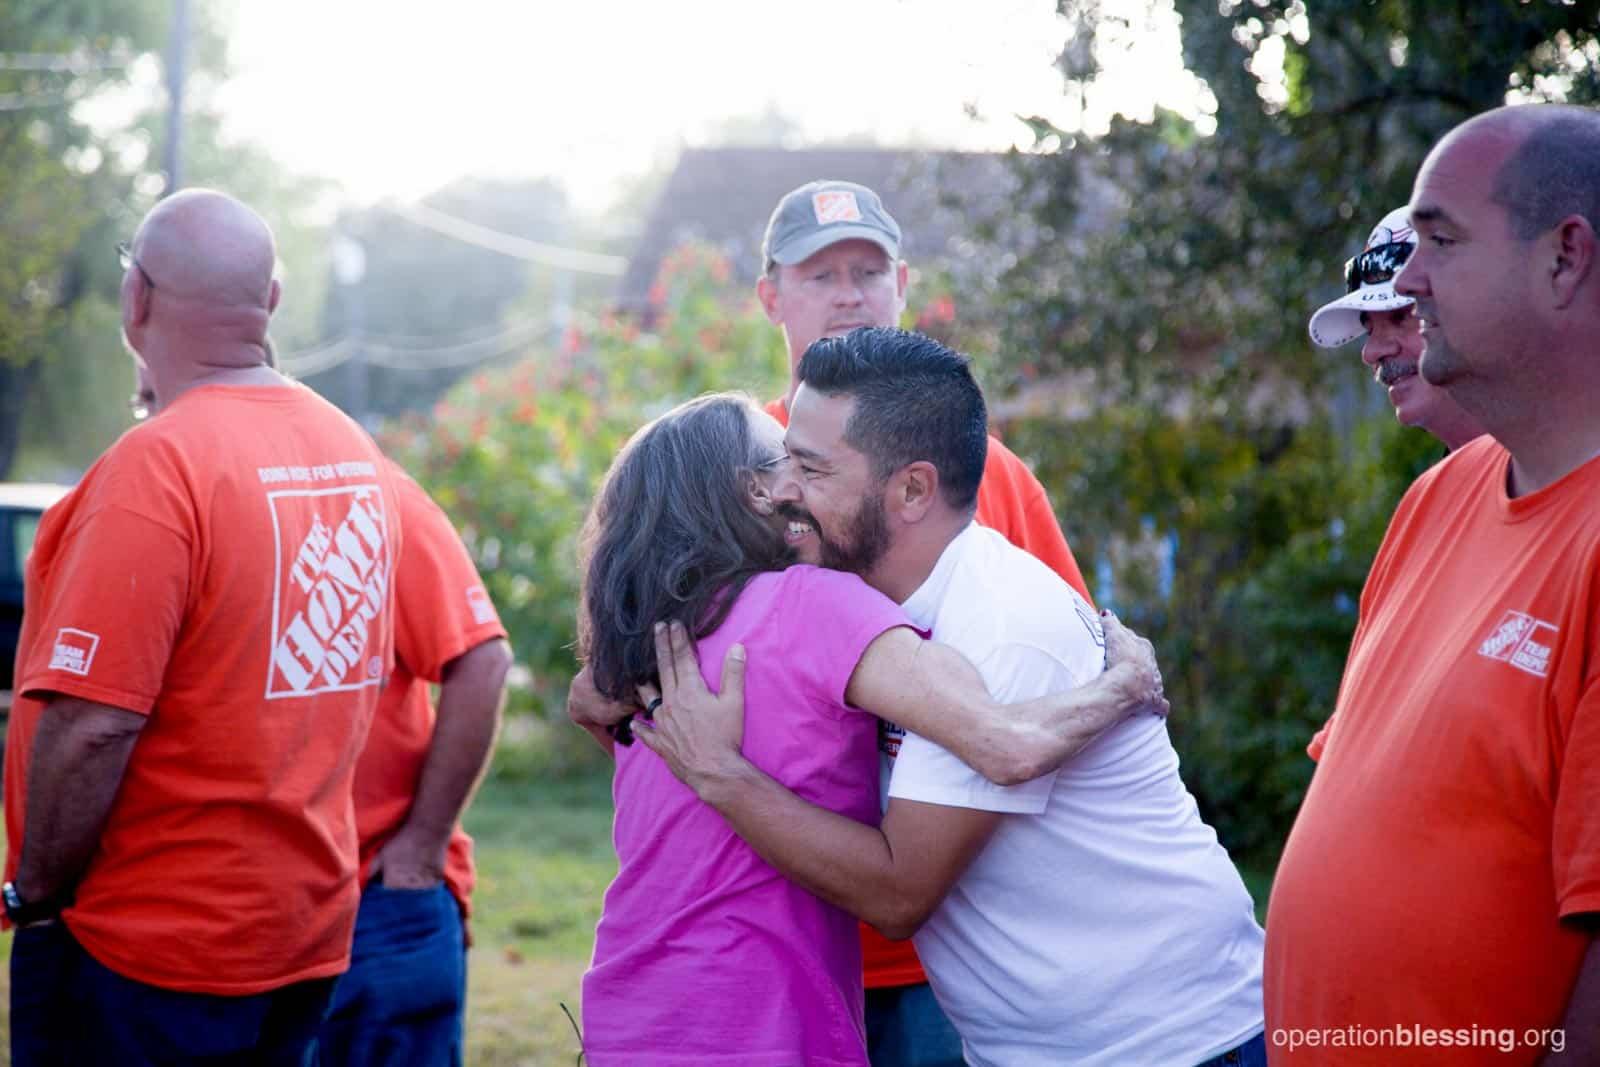 Priscilla hugs one of the volunteers.